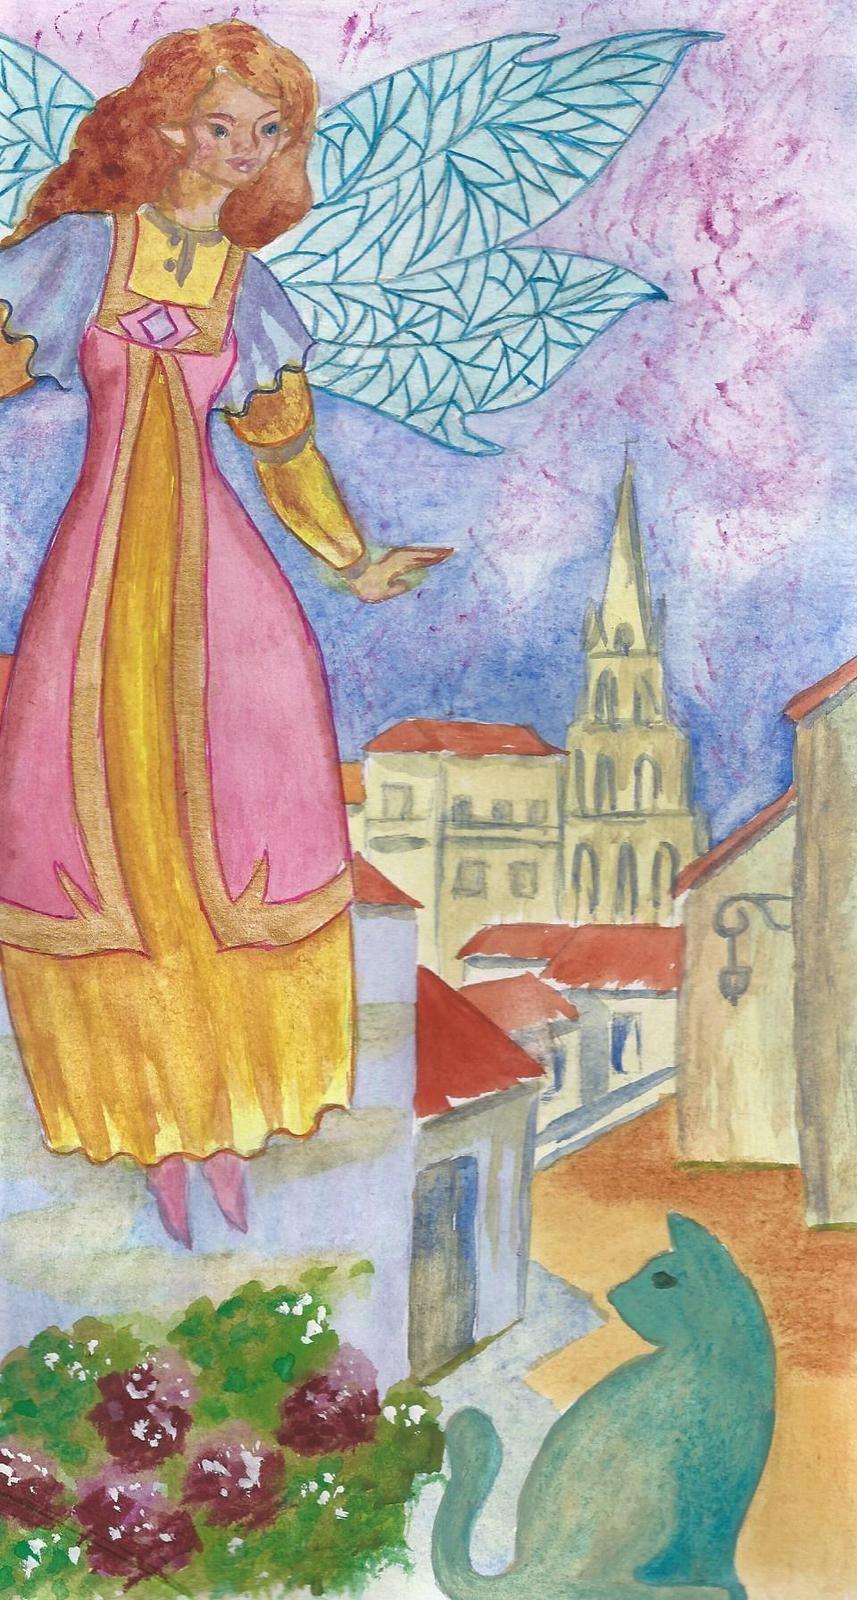 Une fée dans la ville